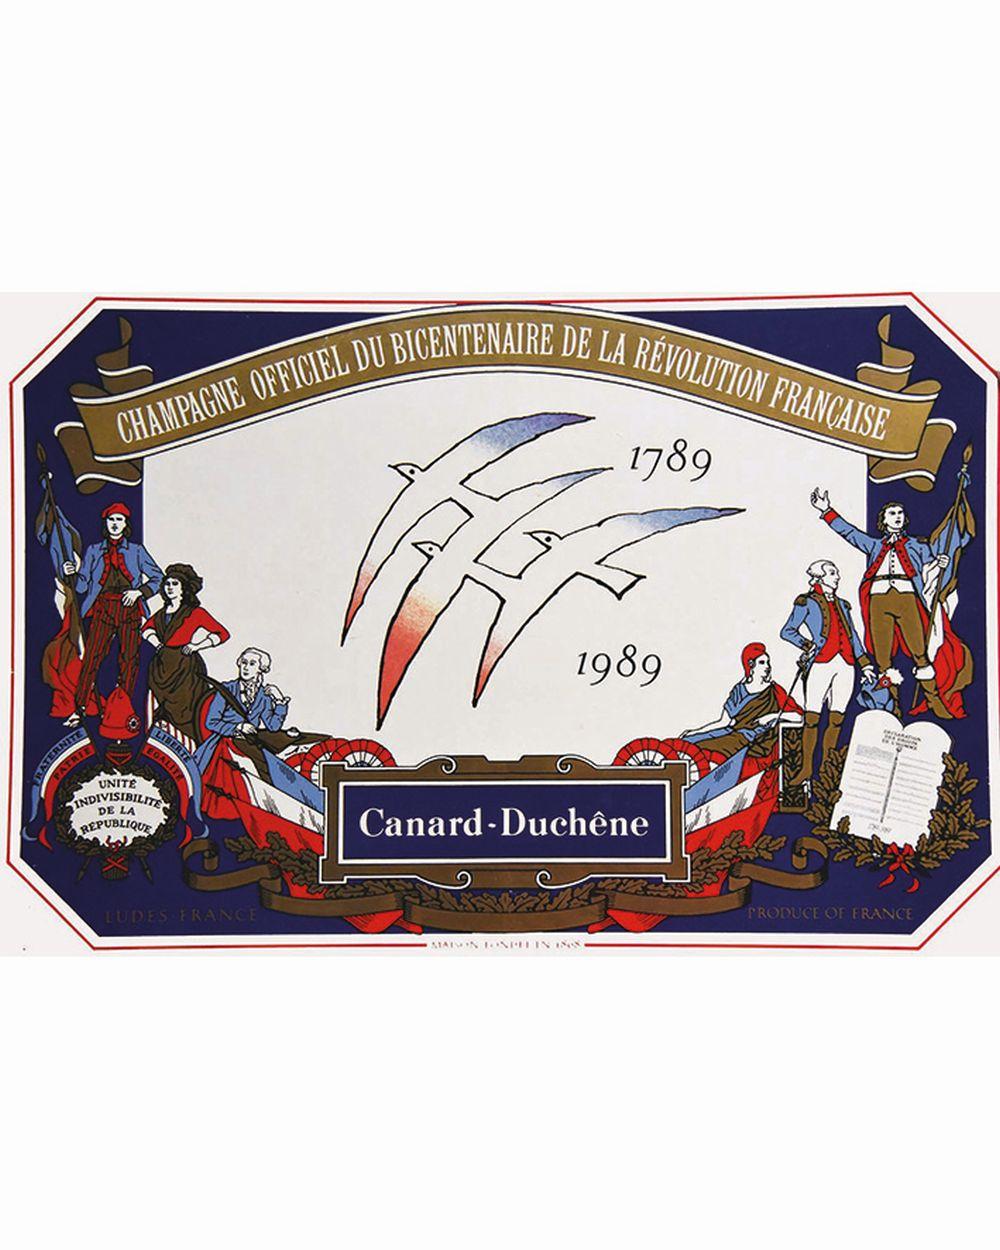 Canard Duchêne Champagne officiel du bicentenaire de la Révolution Française     1989